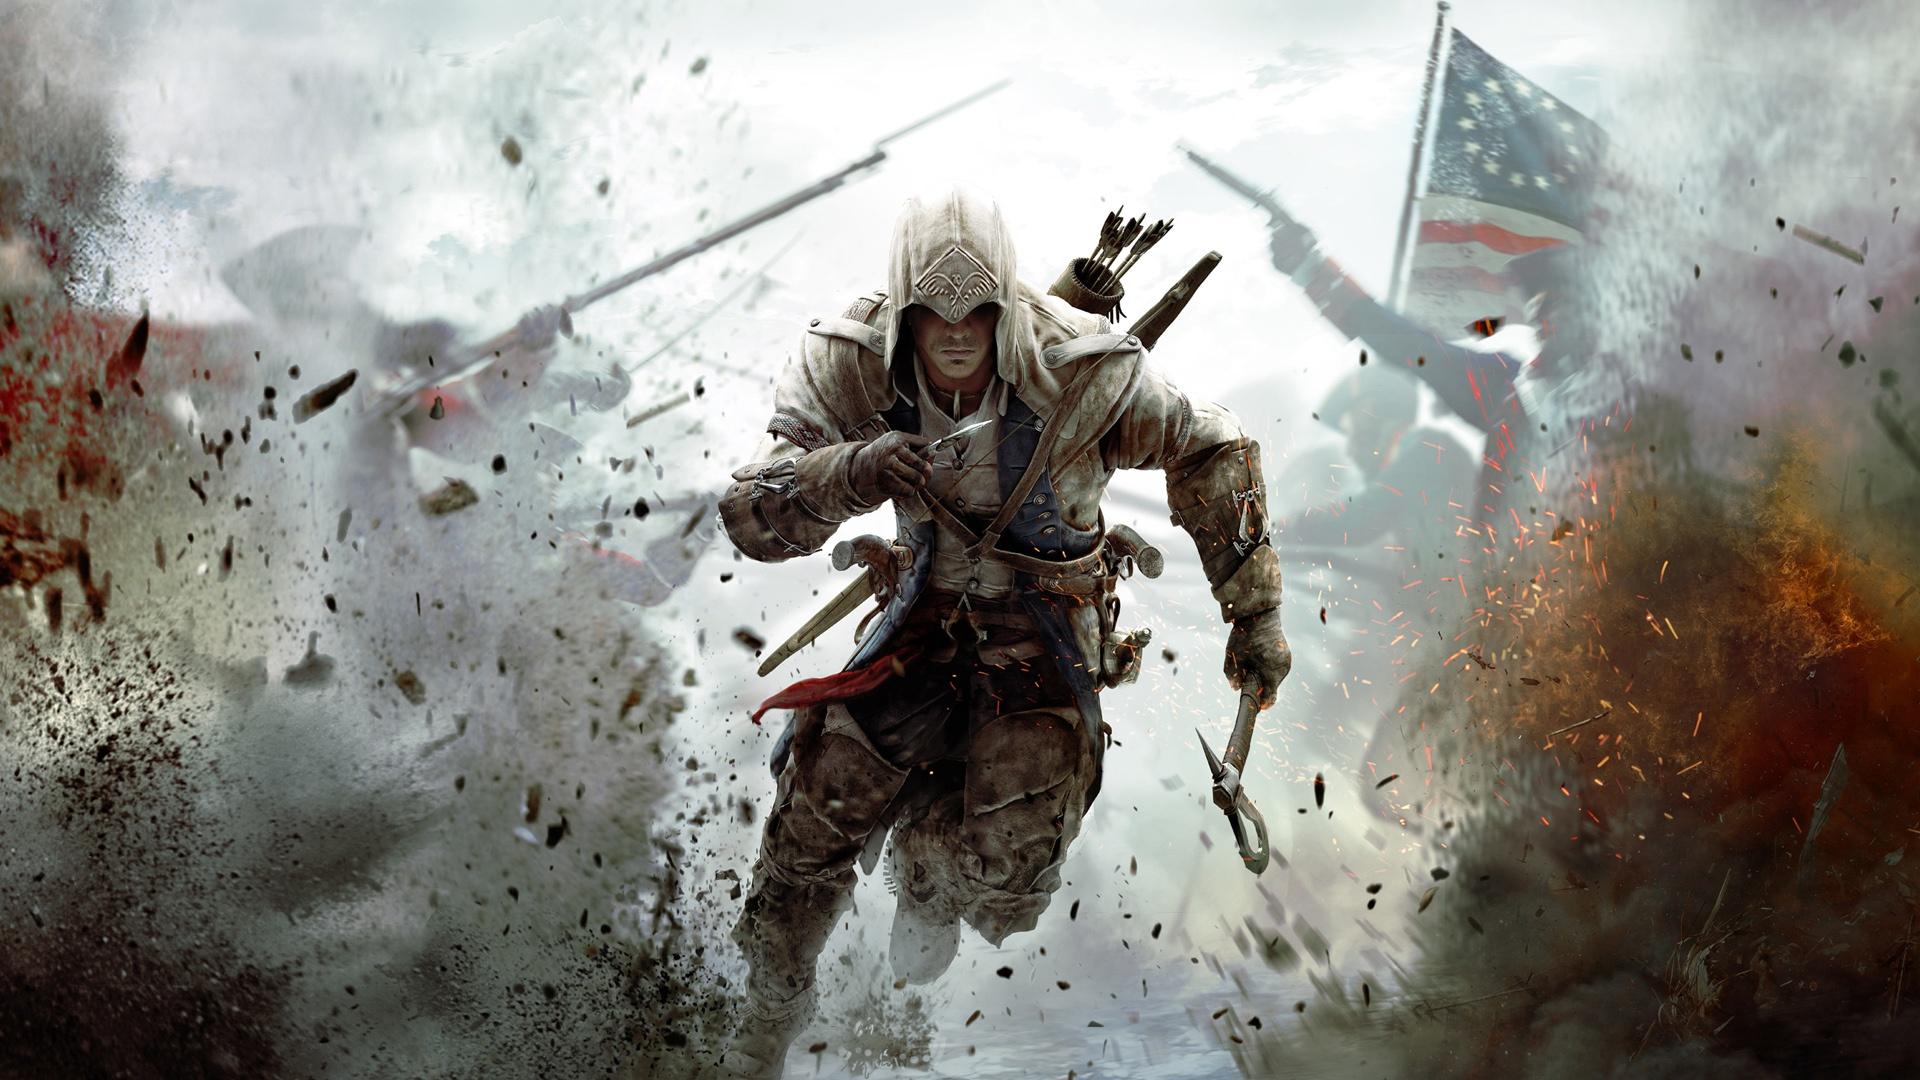 Trailer de lanzamiento de Assassin's Creed III [Video]